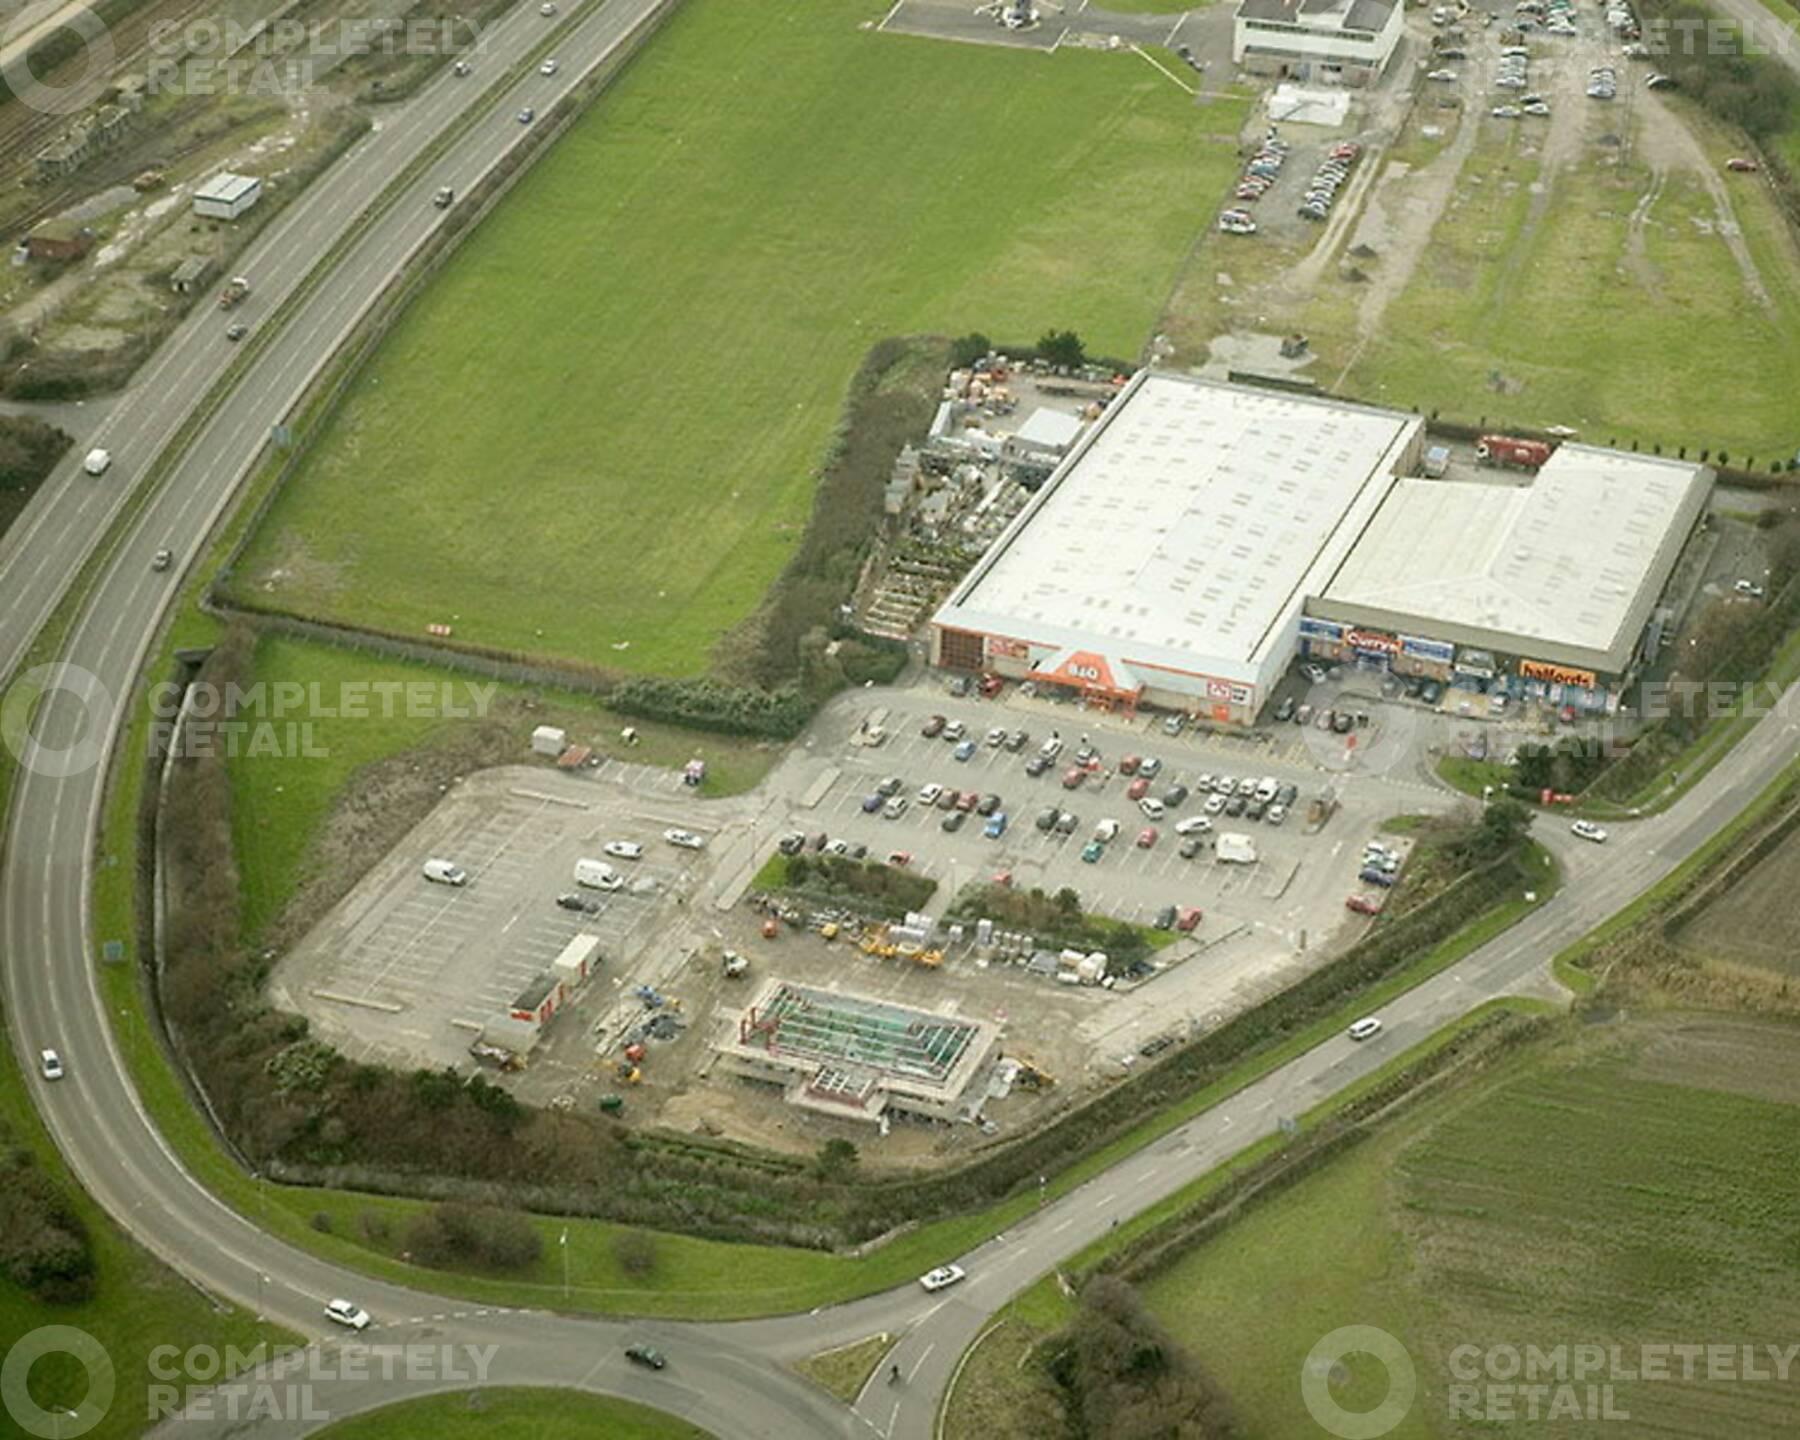 Heliport Retail Park